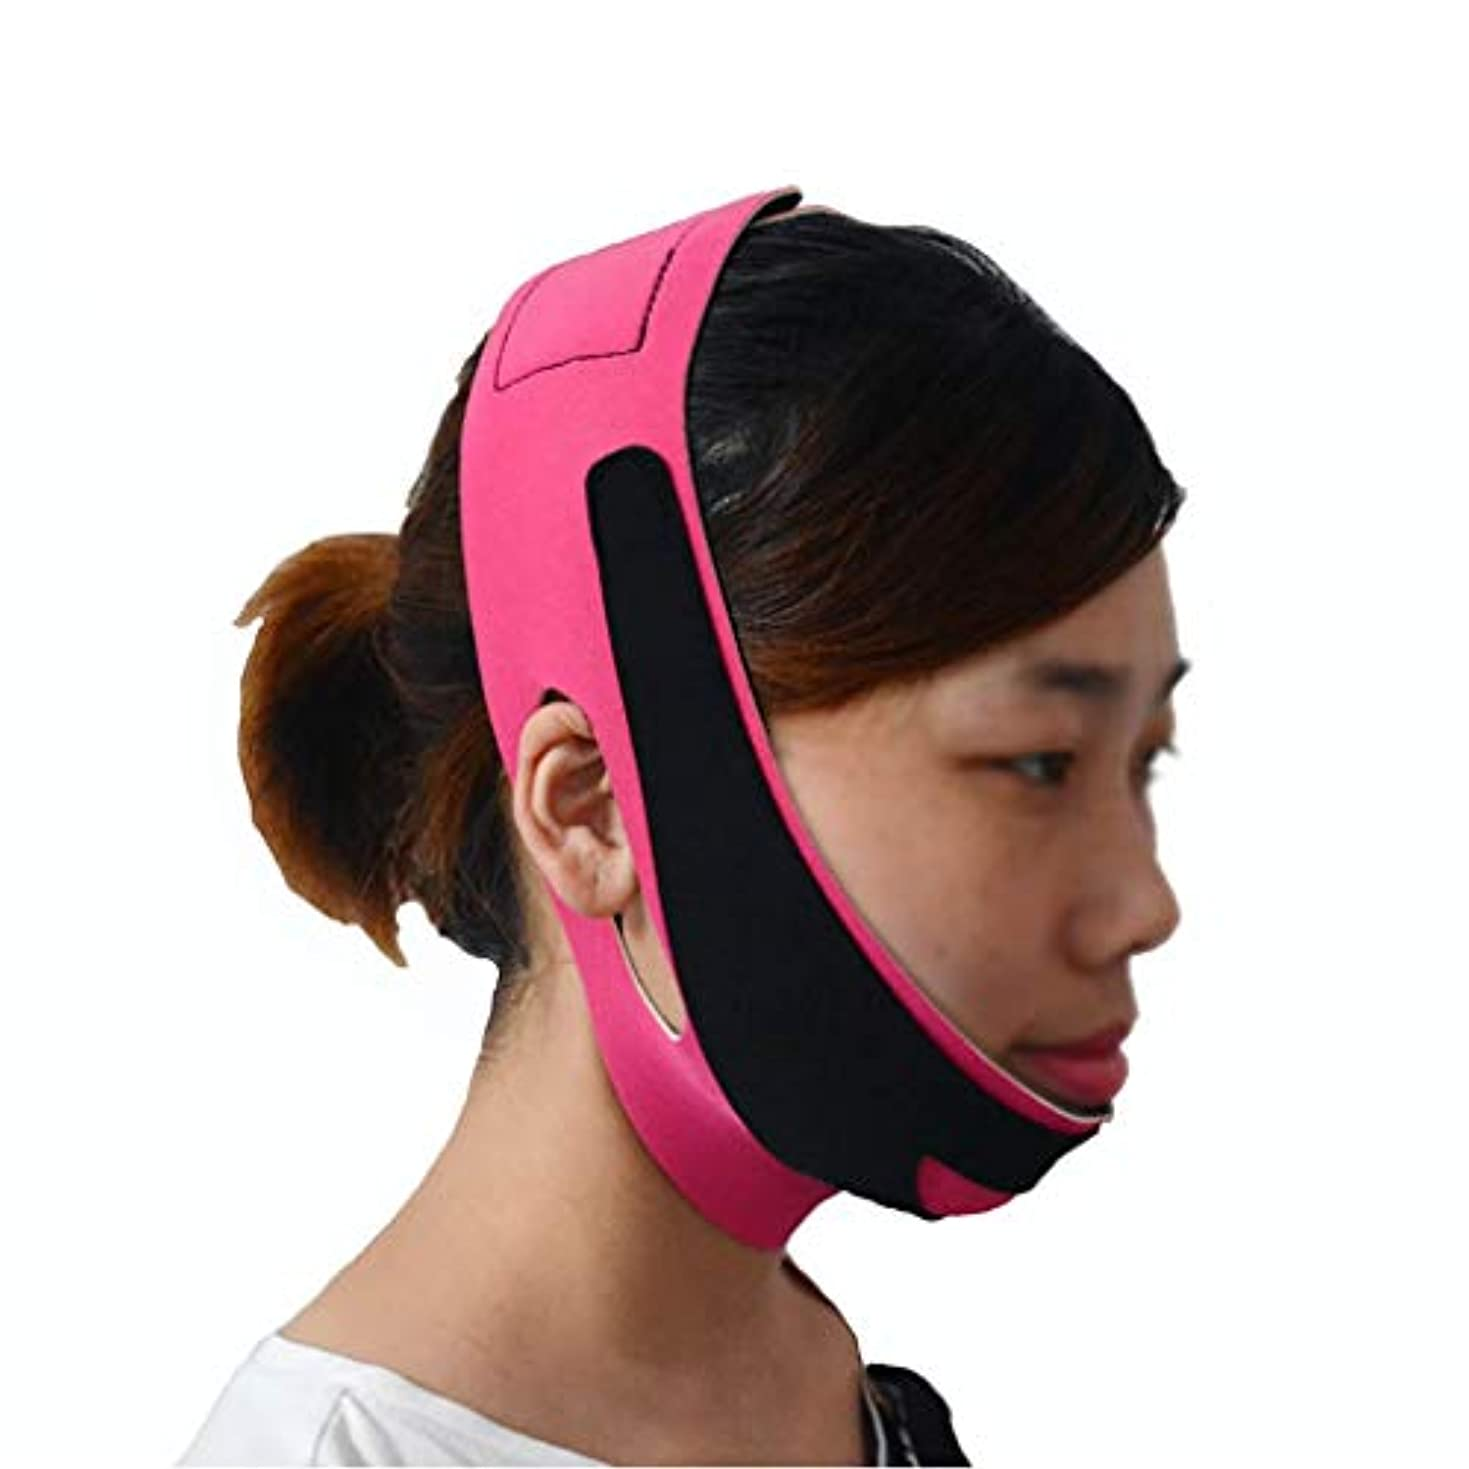 印象気怠い専制顔面マスク、顔面リフトマスク薄い顔をあごに薄く包帯V顔アーティファクトに直面する